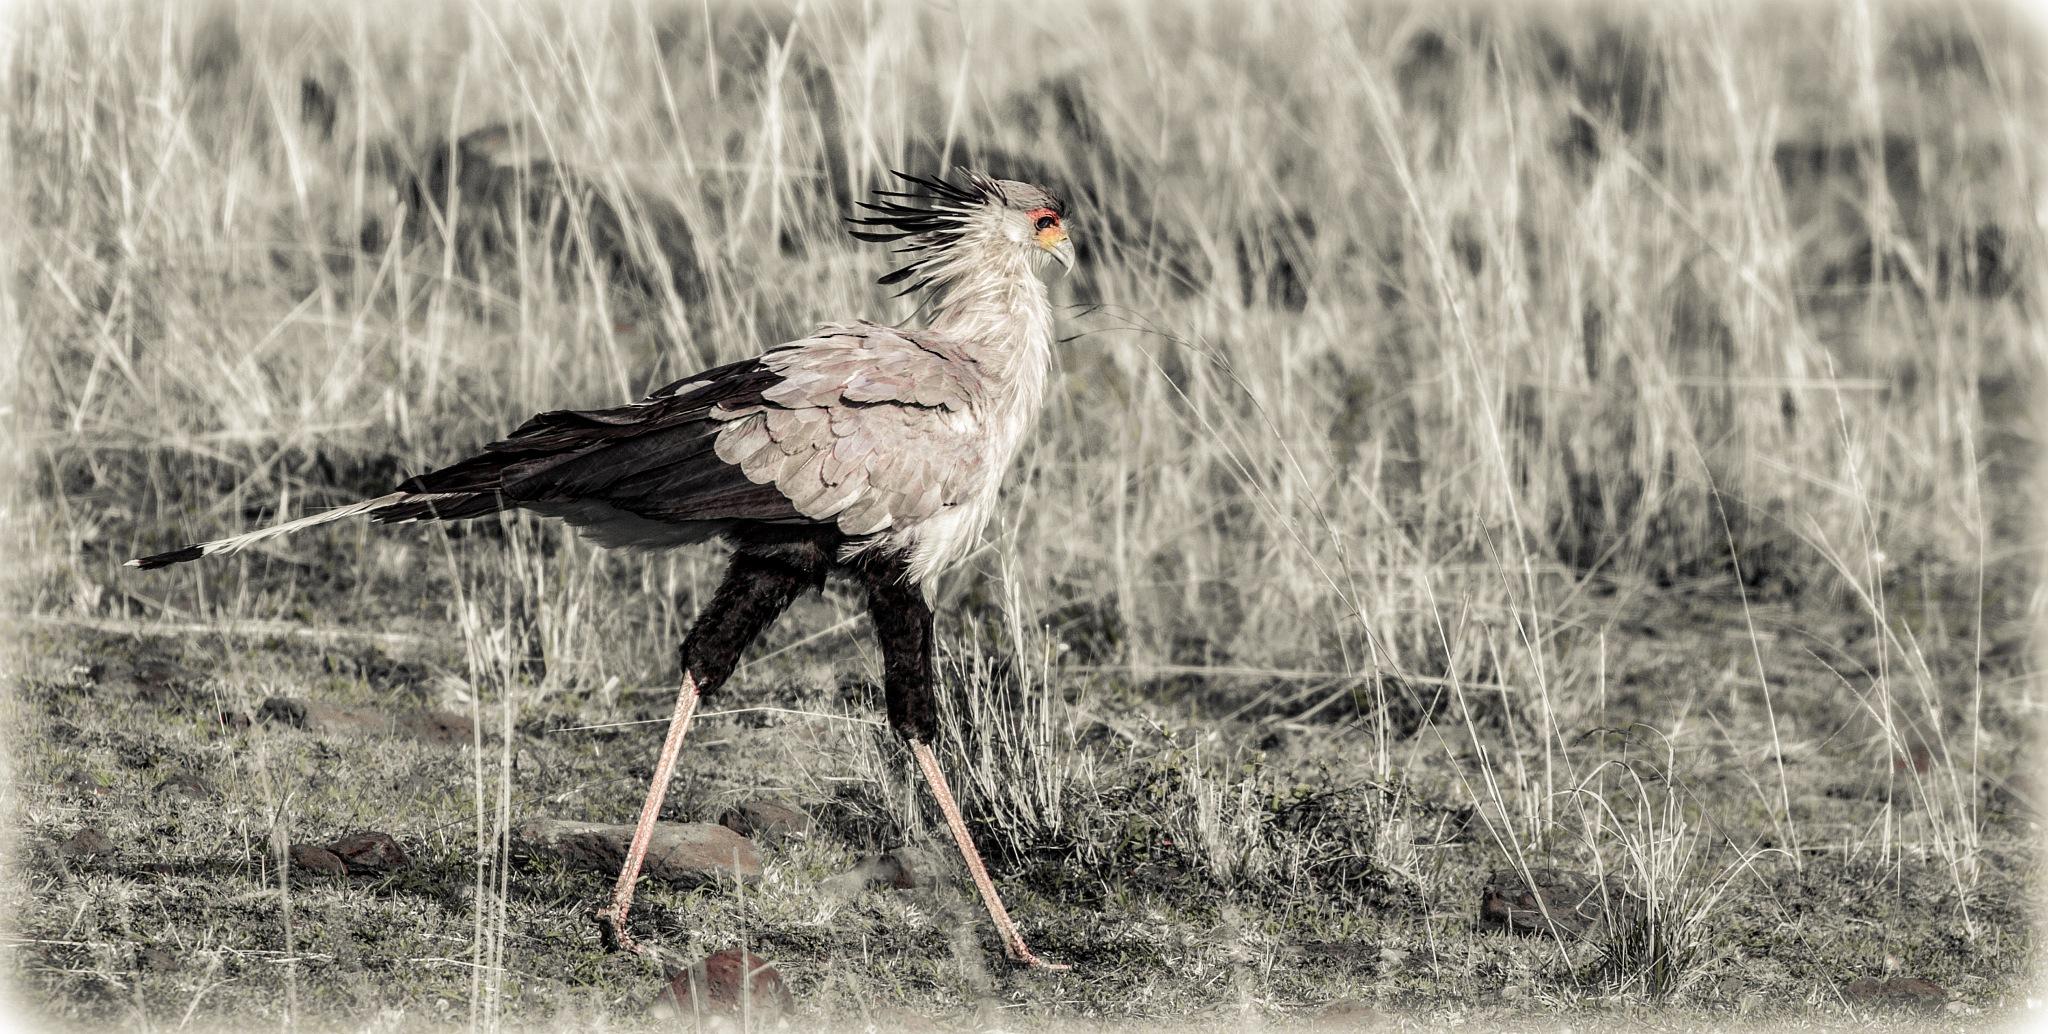 Secretary Bird by Janaka